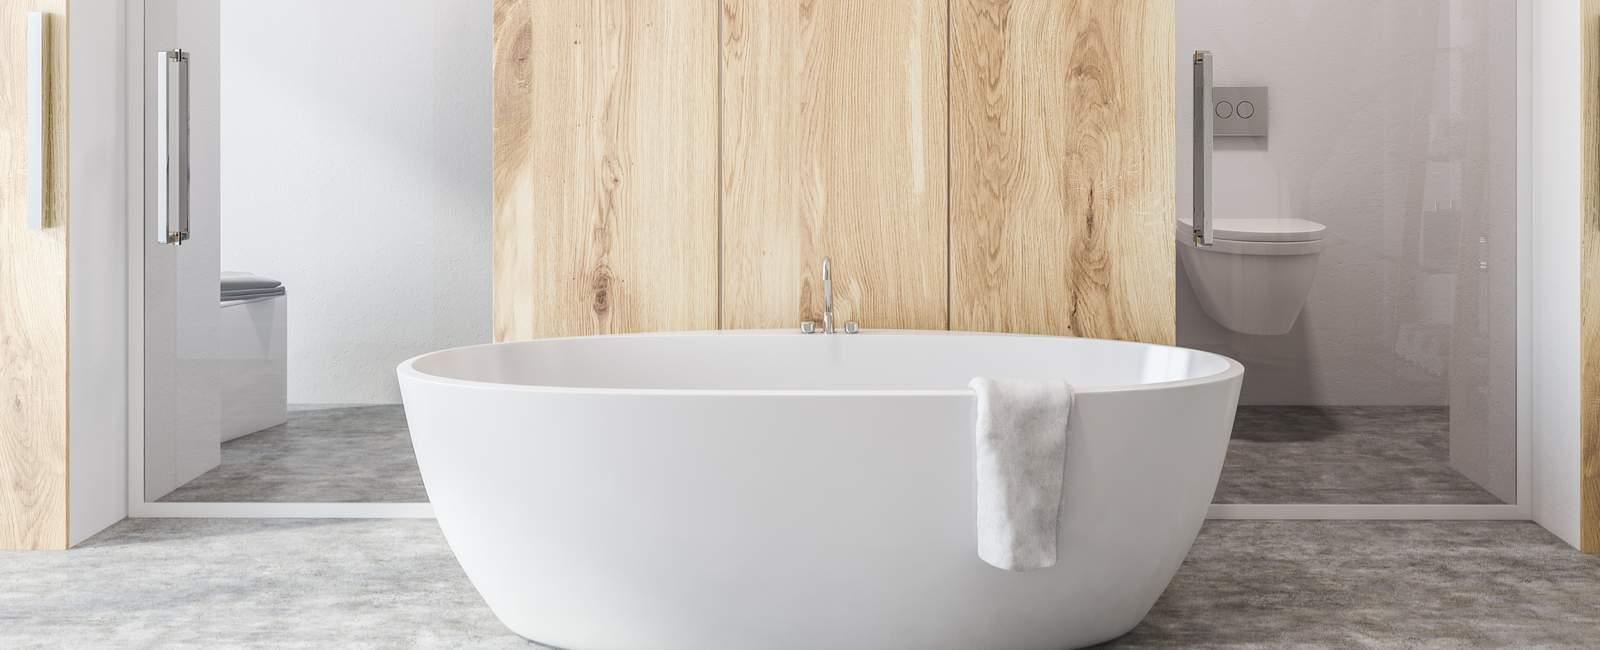 Comment Utiliser Les Panneaux D'habillage Pour Rénover Sa destiné Stratifié Haute Pression Salle De Bain